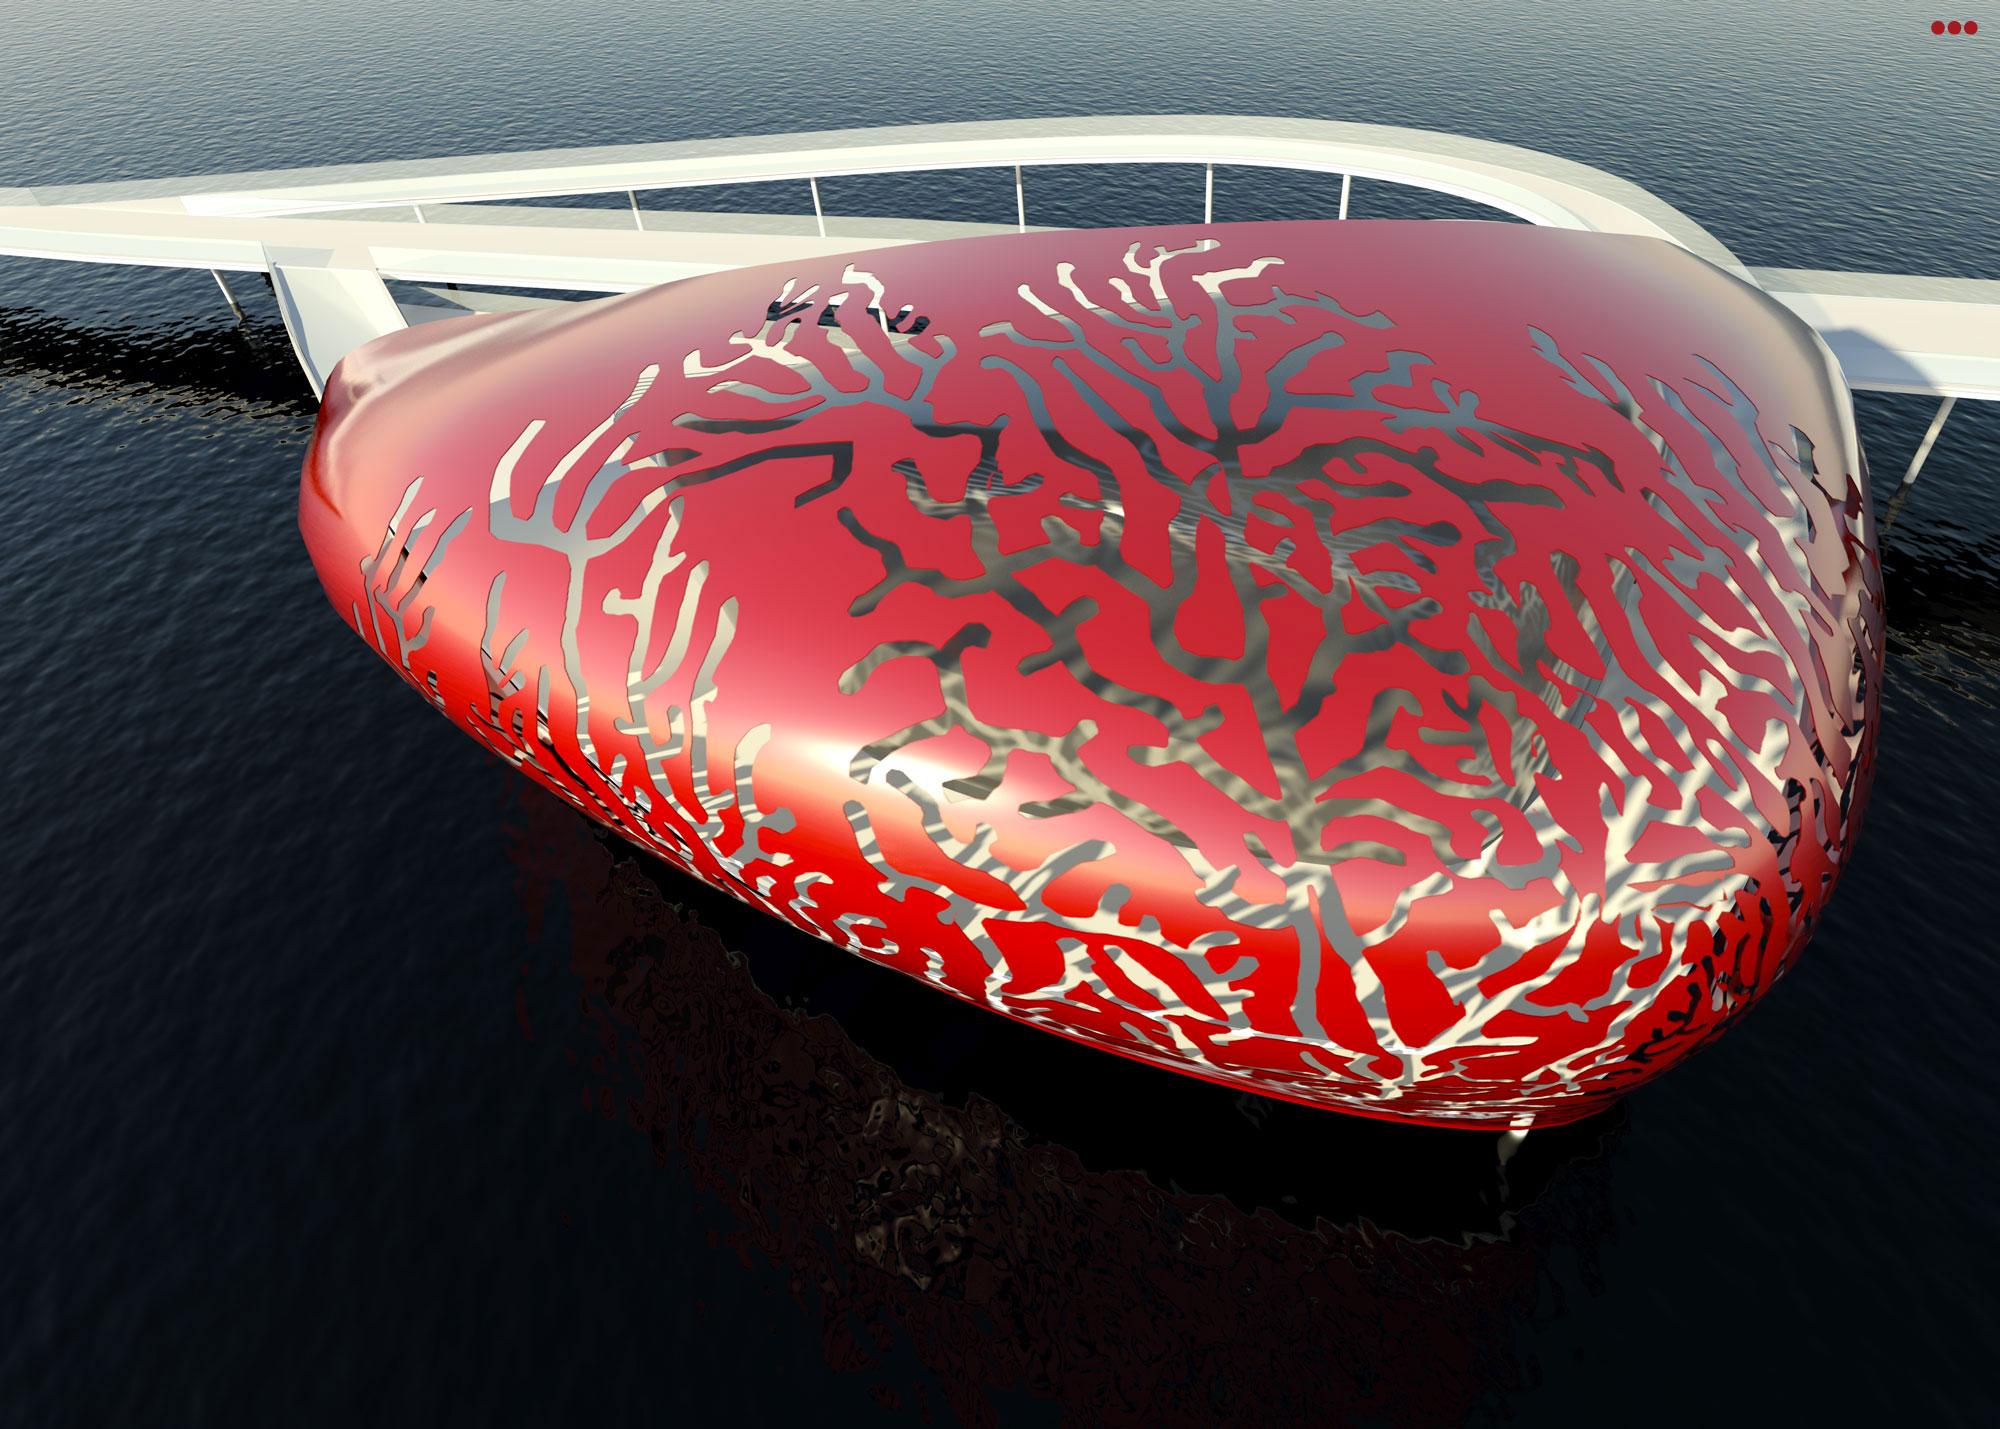 Surdio Bartolini progetto isola porto canale cattolica rimini grafica rendering modeling 3d 3